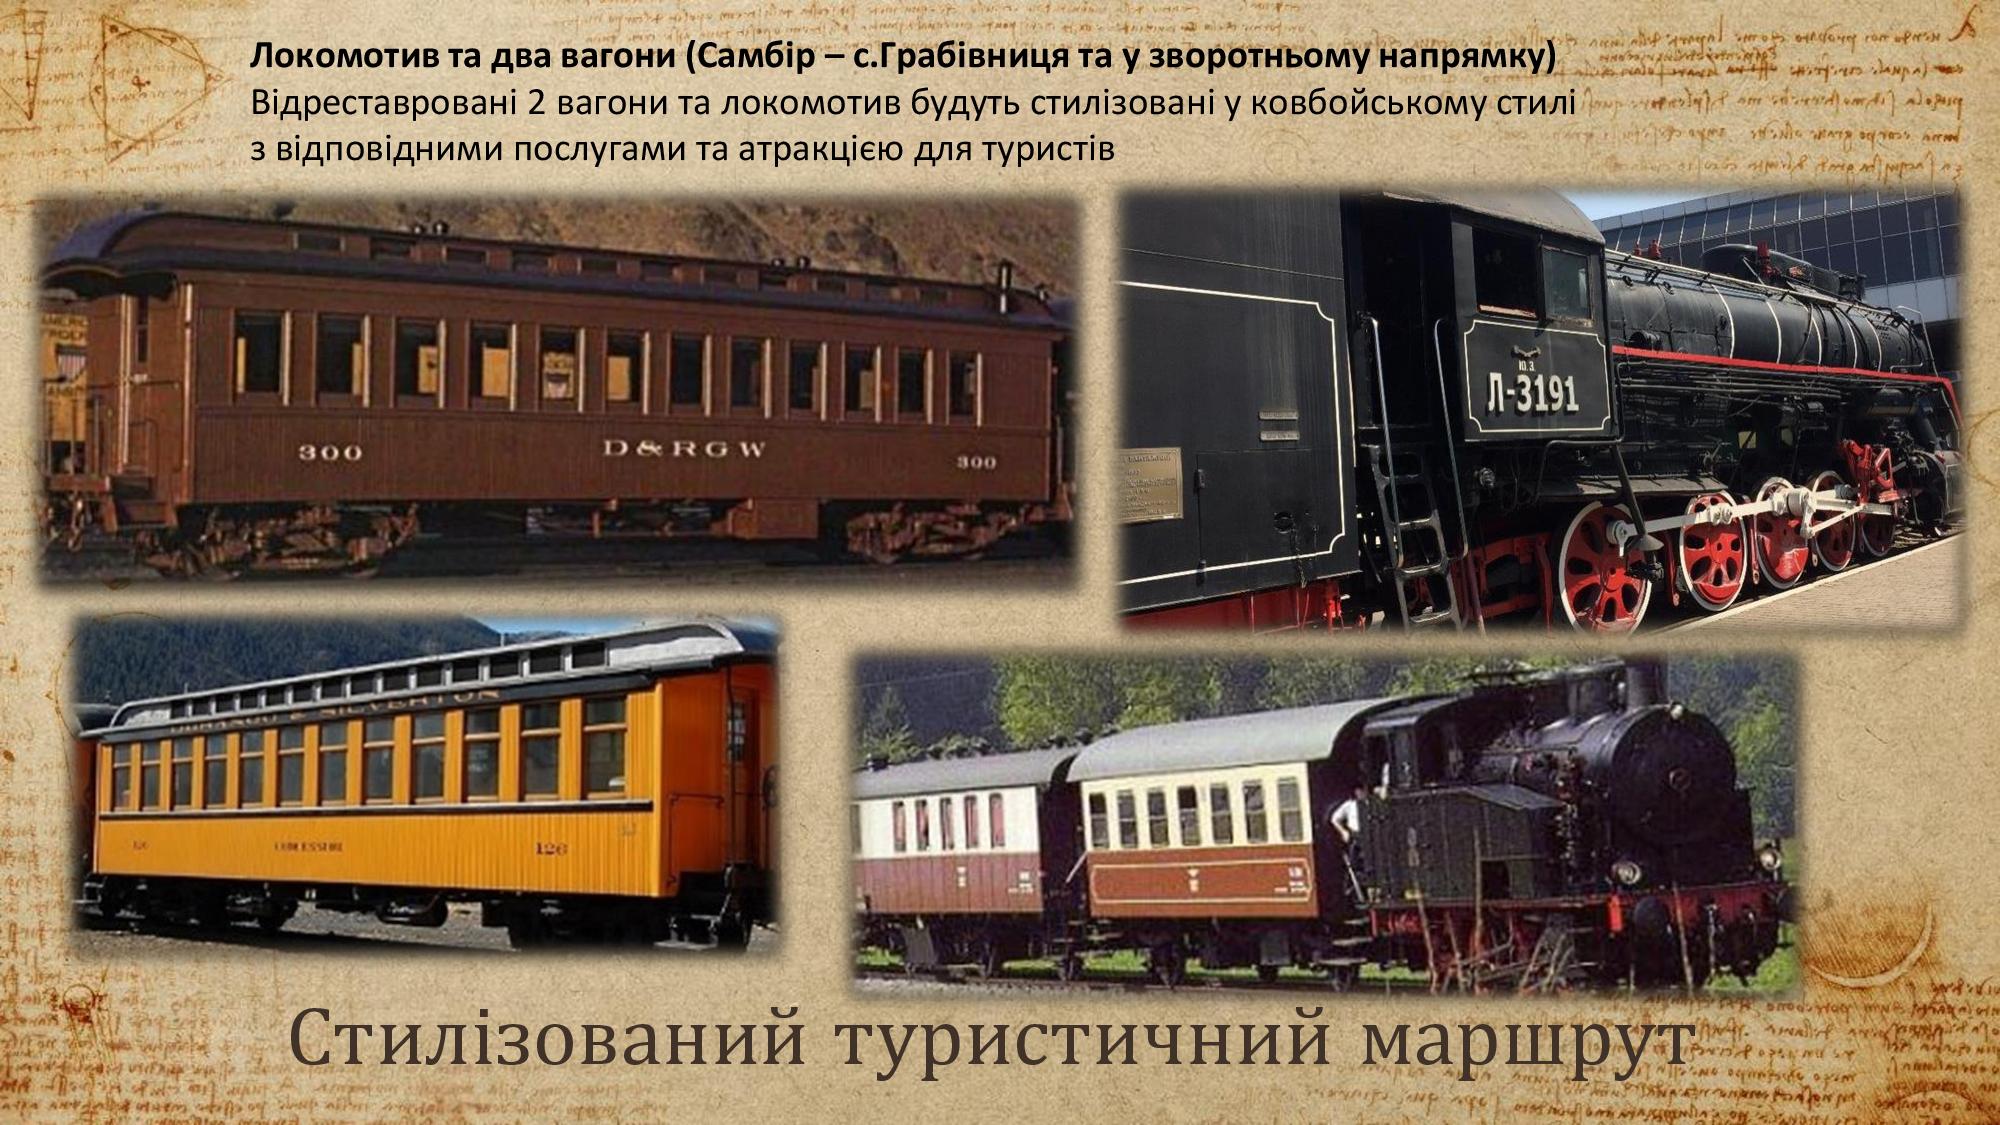 http://decentralization.gov.ua/uploads/ckeditor/pictures/886/content_1456035_1508473.jpg